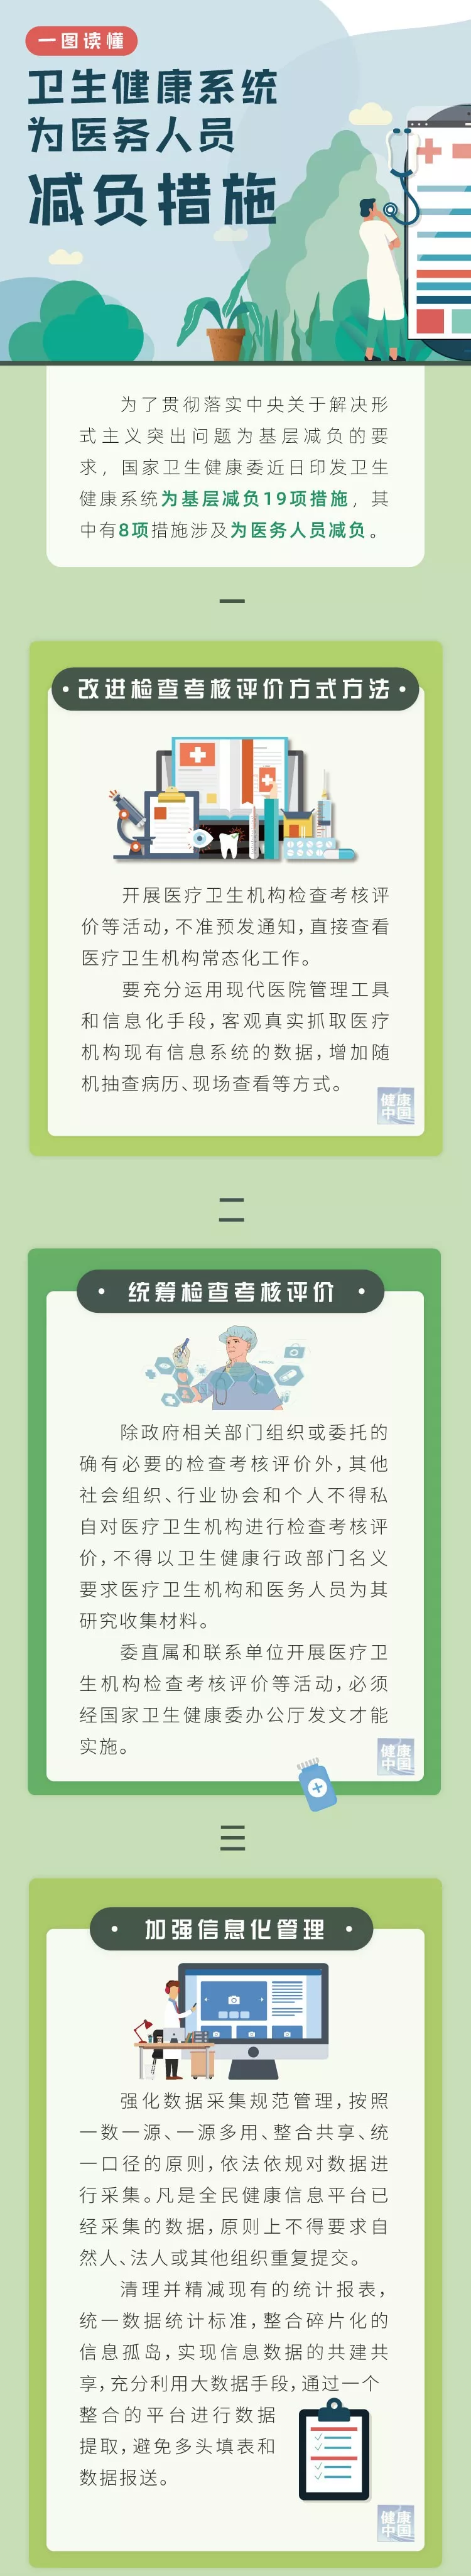 一图读懂:卫生健康系统为医务人员减负措施